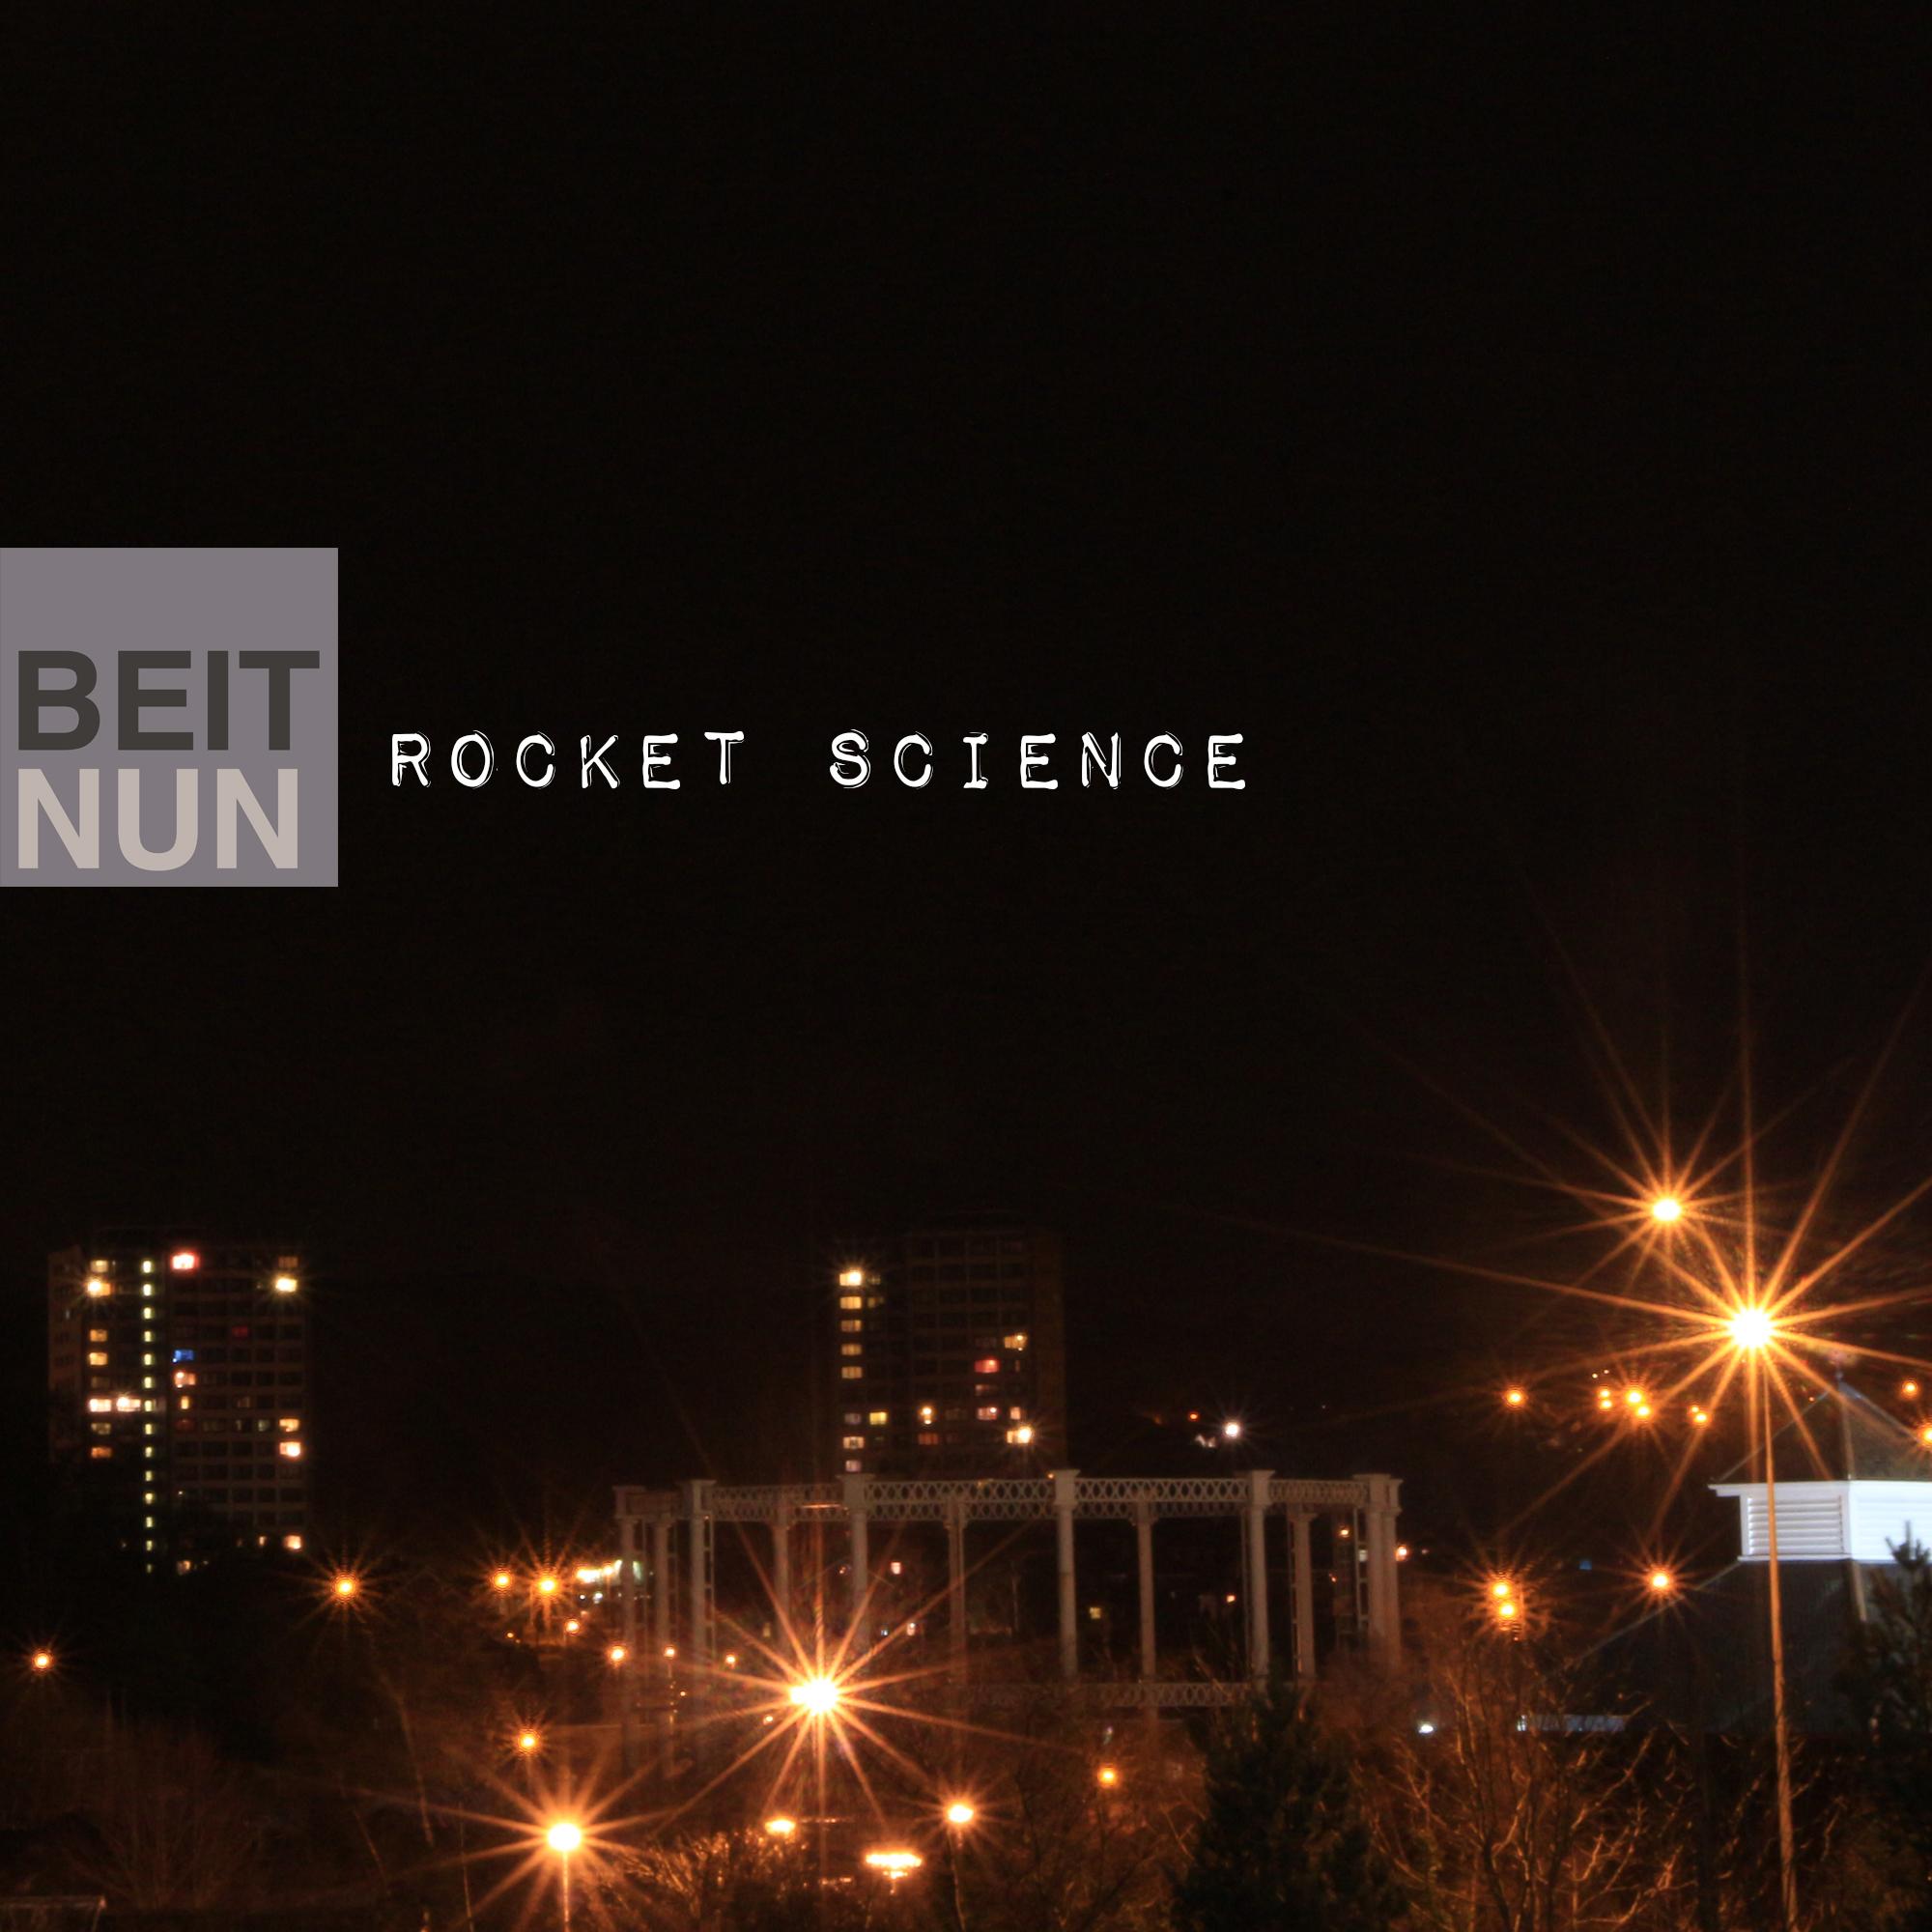 SSPfrlCDart_001 - Beit Nun - Rocket Science [Digital].jpg